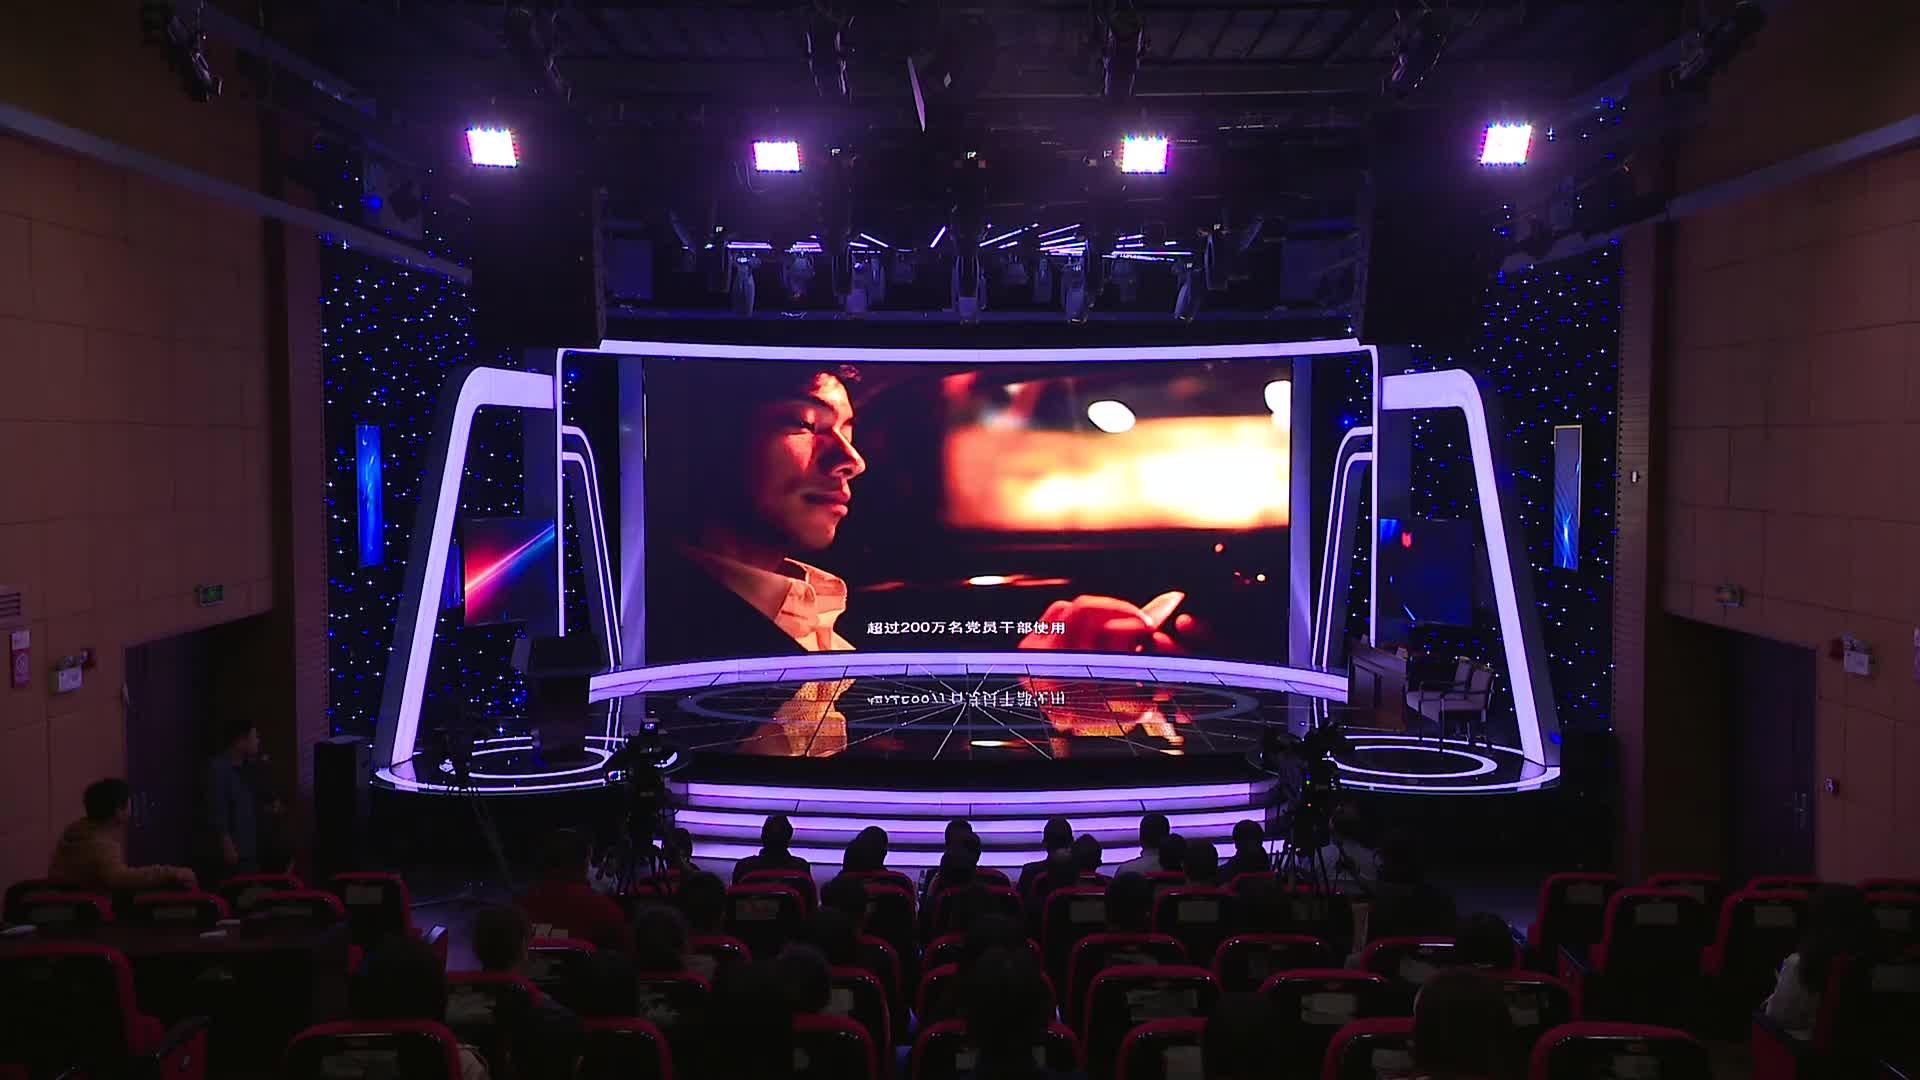 【全程回放】红网县级融媒体中心平台与成都索贝公司战略合作签约仪式